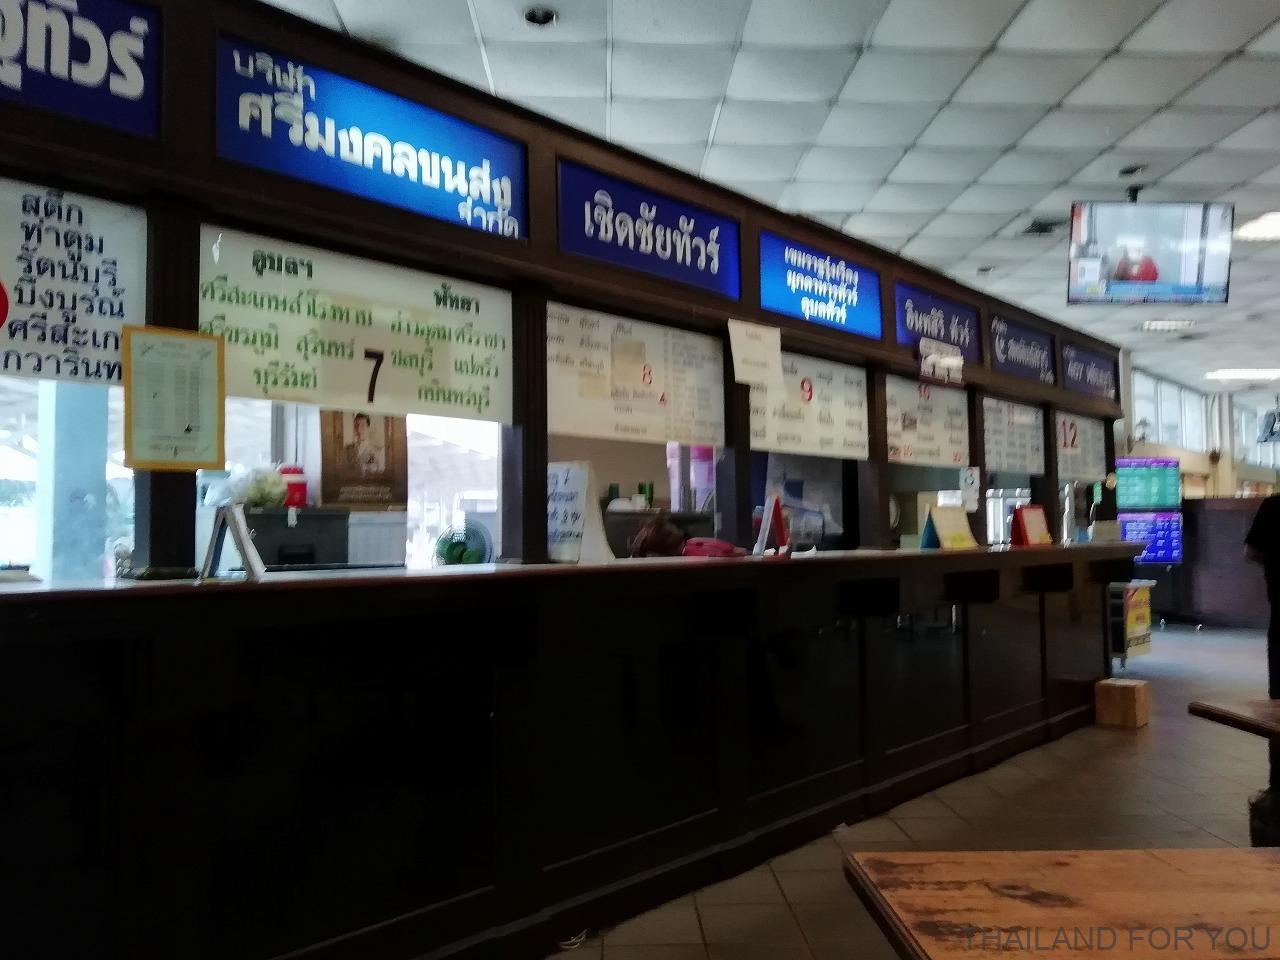 コラート 新バスターミナル 写真